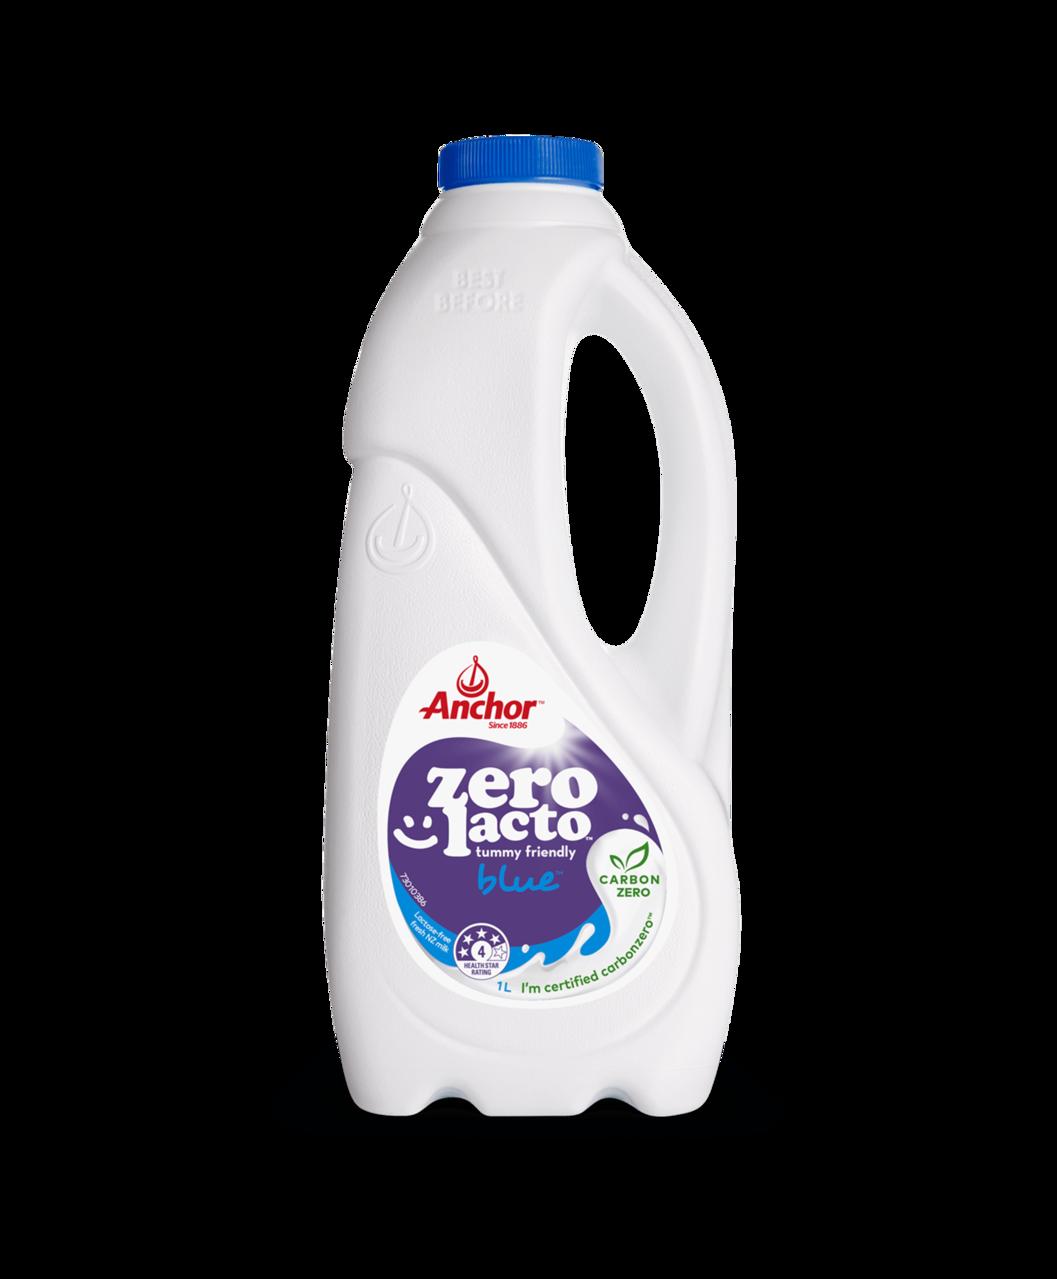 Anchor Zero Lacto Blue Milk 1L bottle